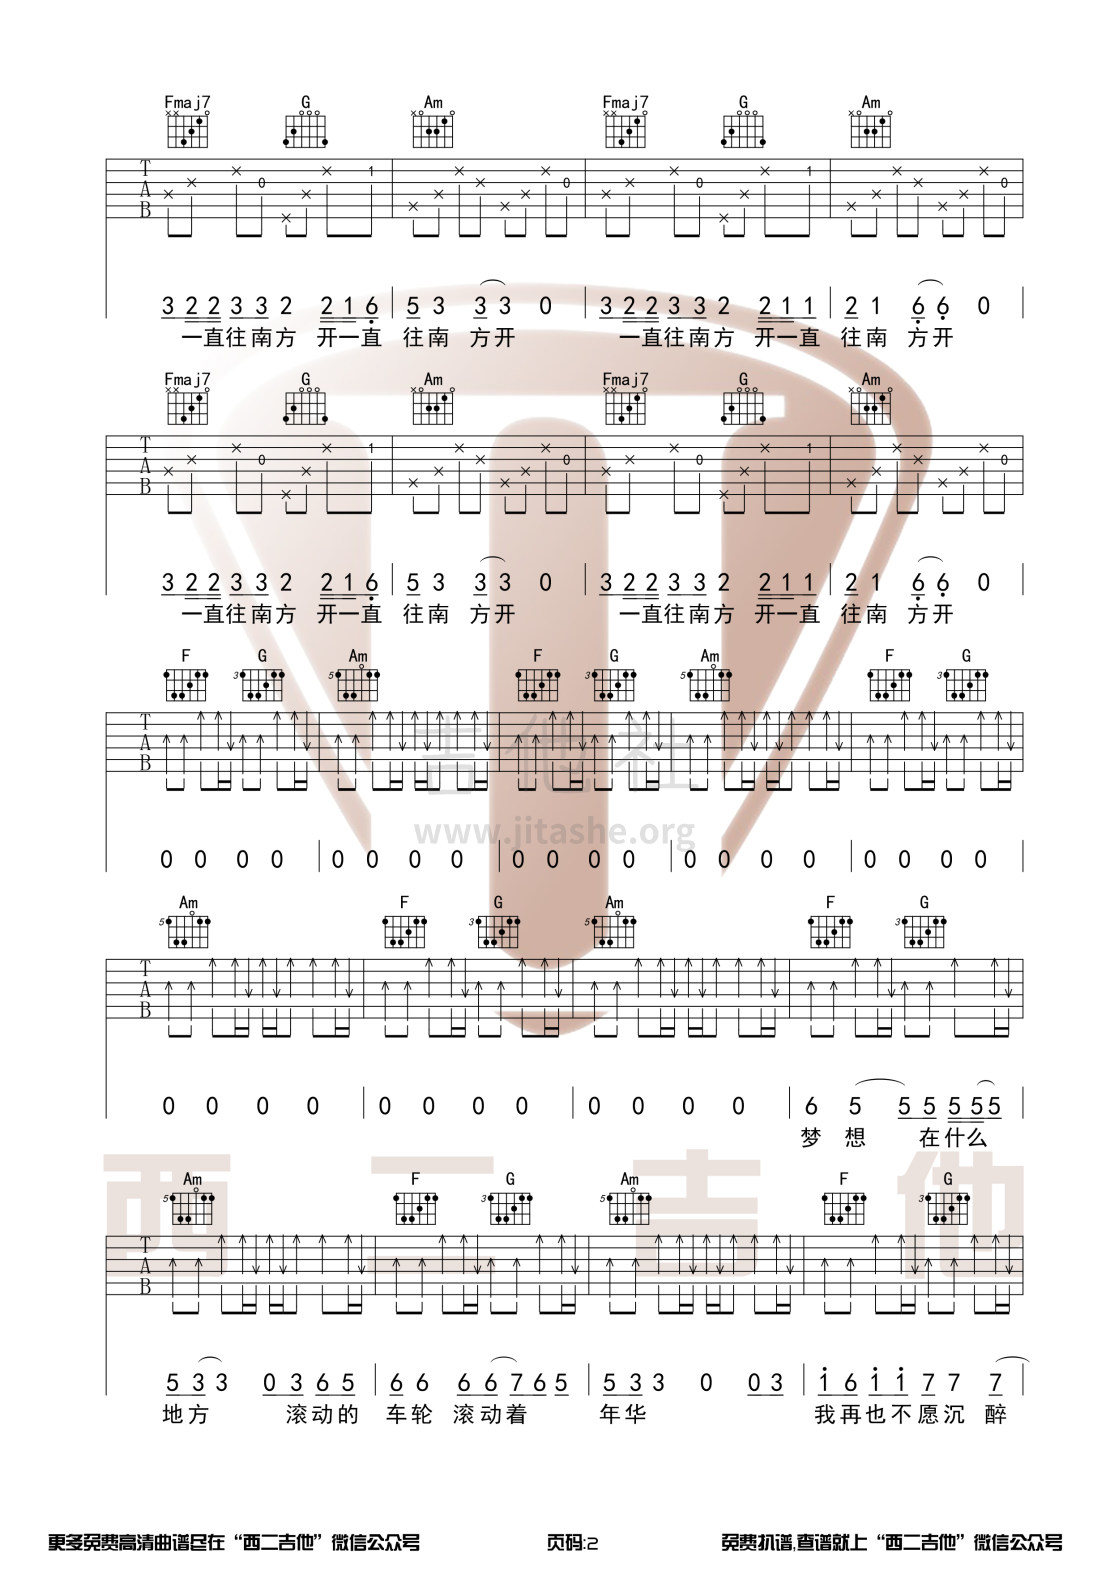 公路之歌(原版吉他谱+演奏视频 西二吉他)吉他谱(图片谱,弹唱,C调)_痛苦的信仰(痛仰)_公路之歌2.jpg